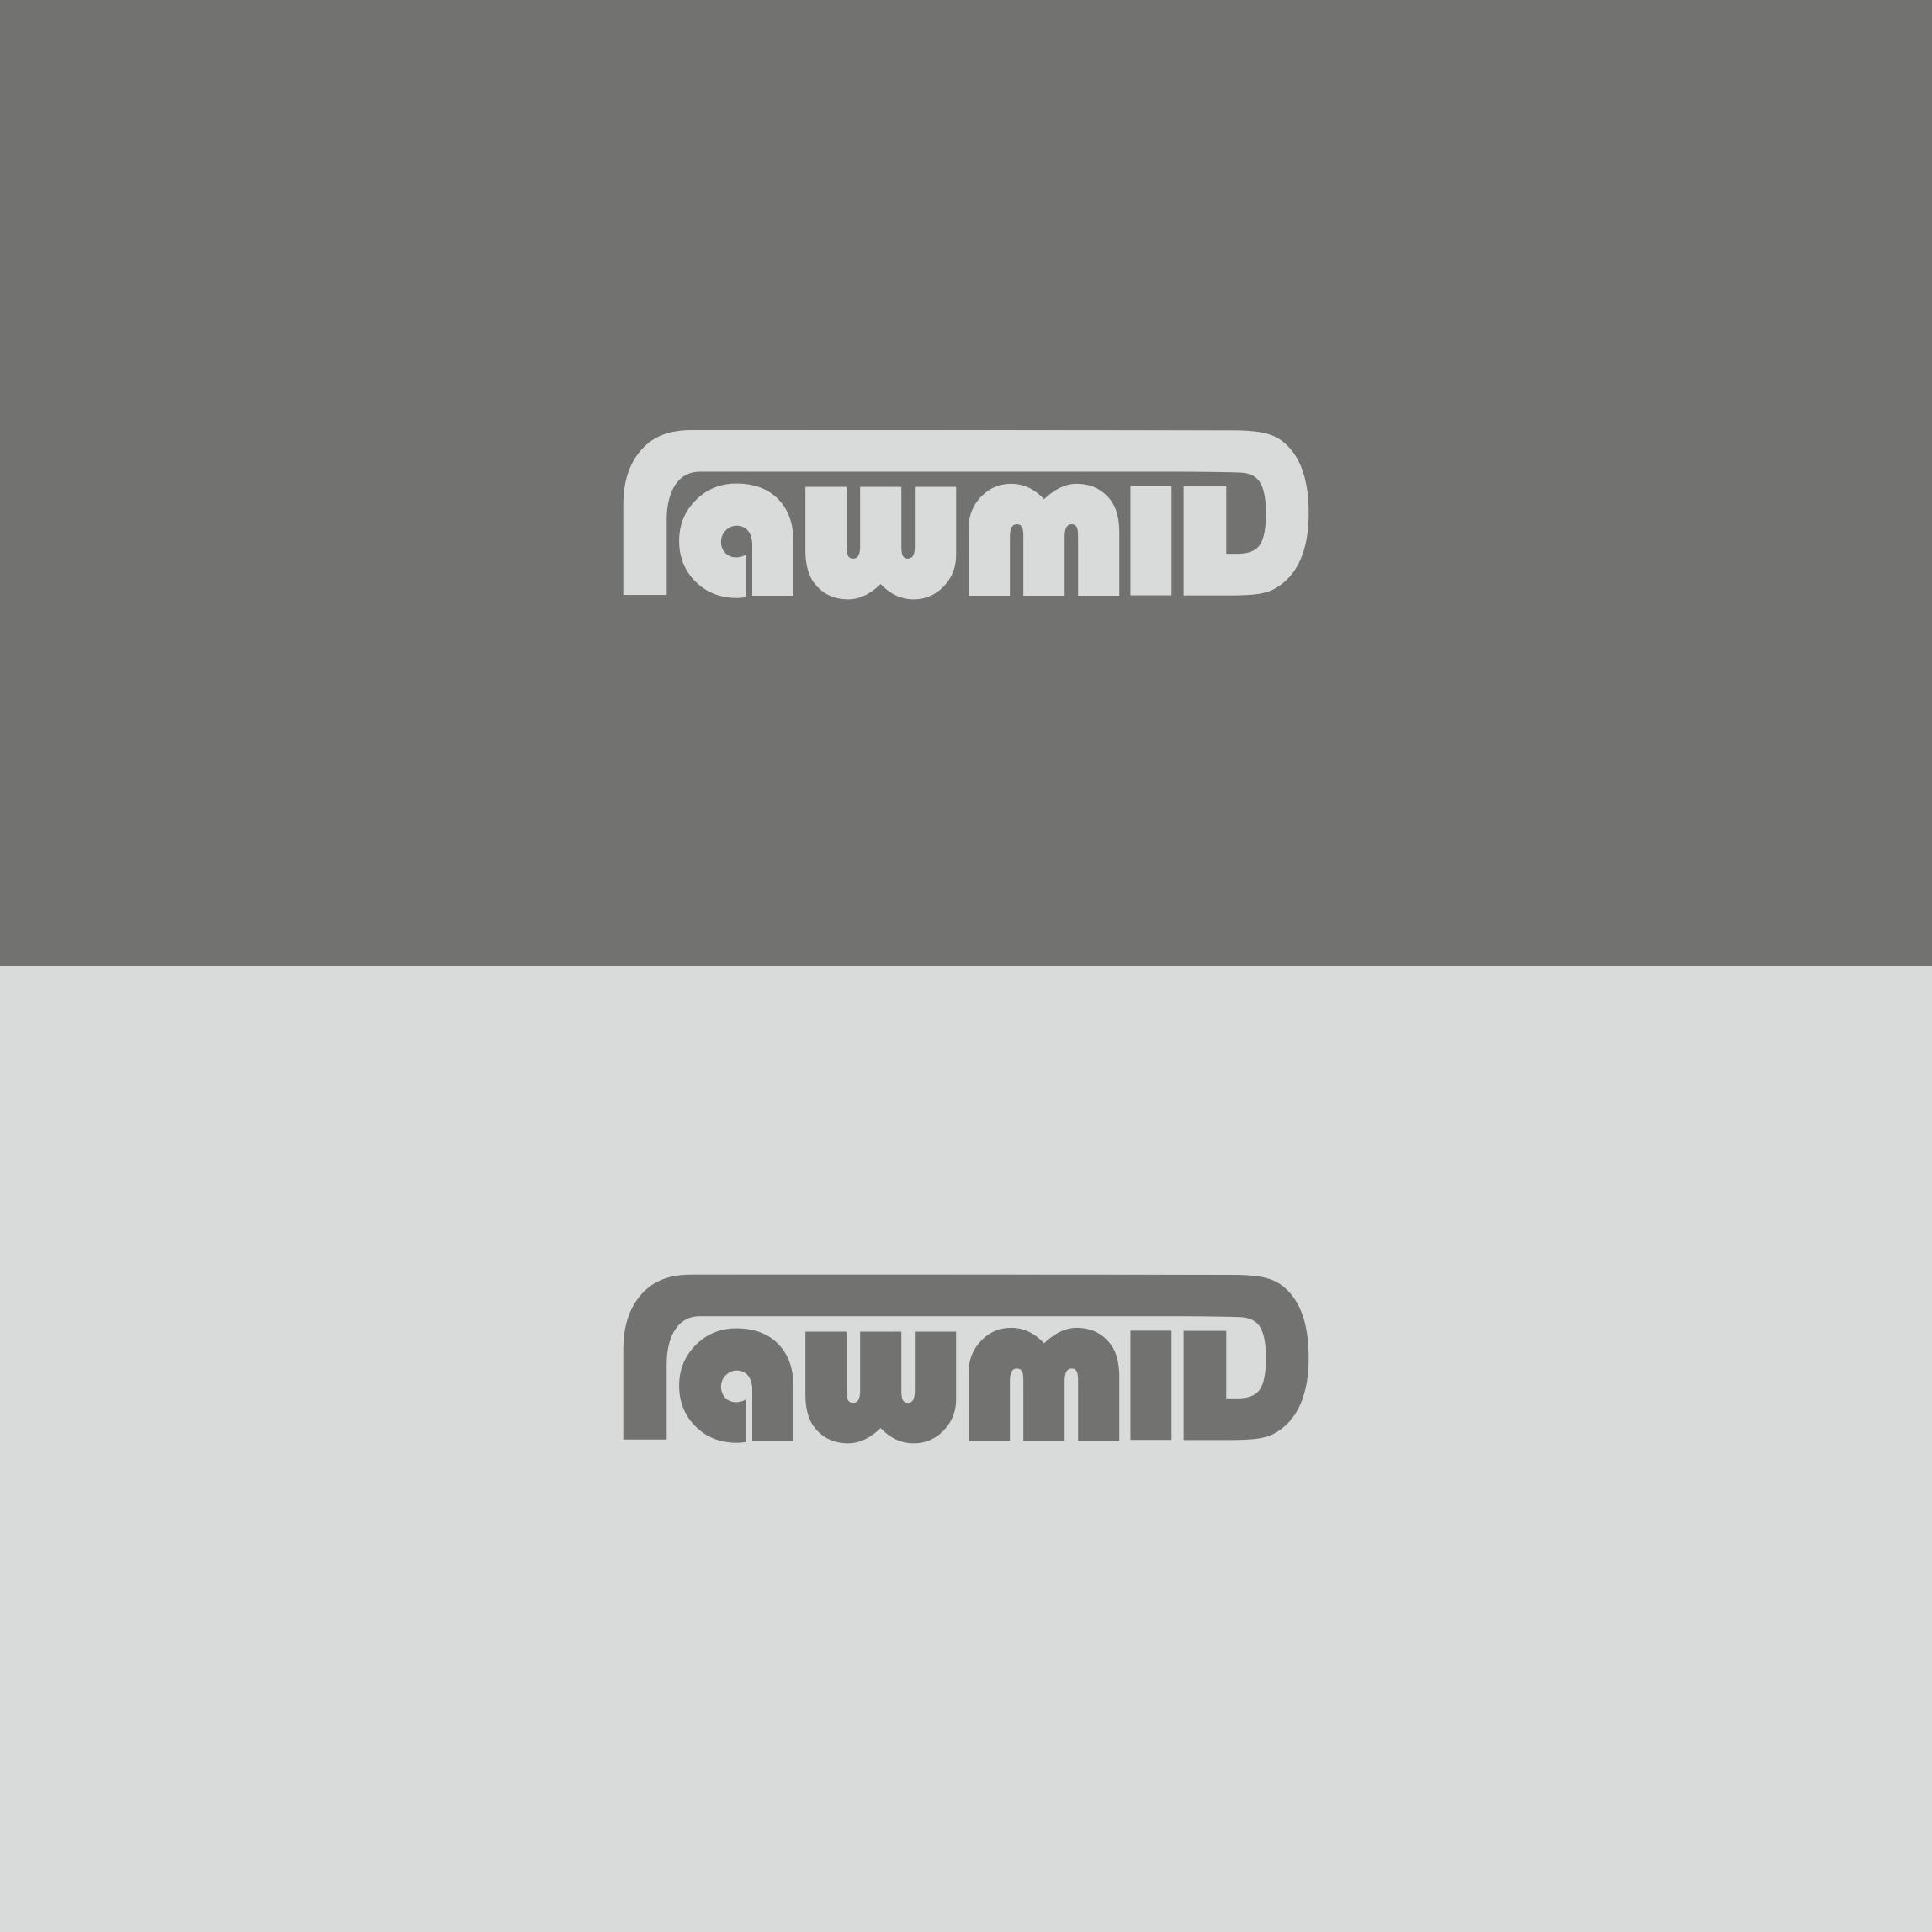 Создать логотип (буквенная часть) для бренда бытовой техники фото f_6425b34e3a194e05.png